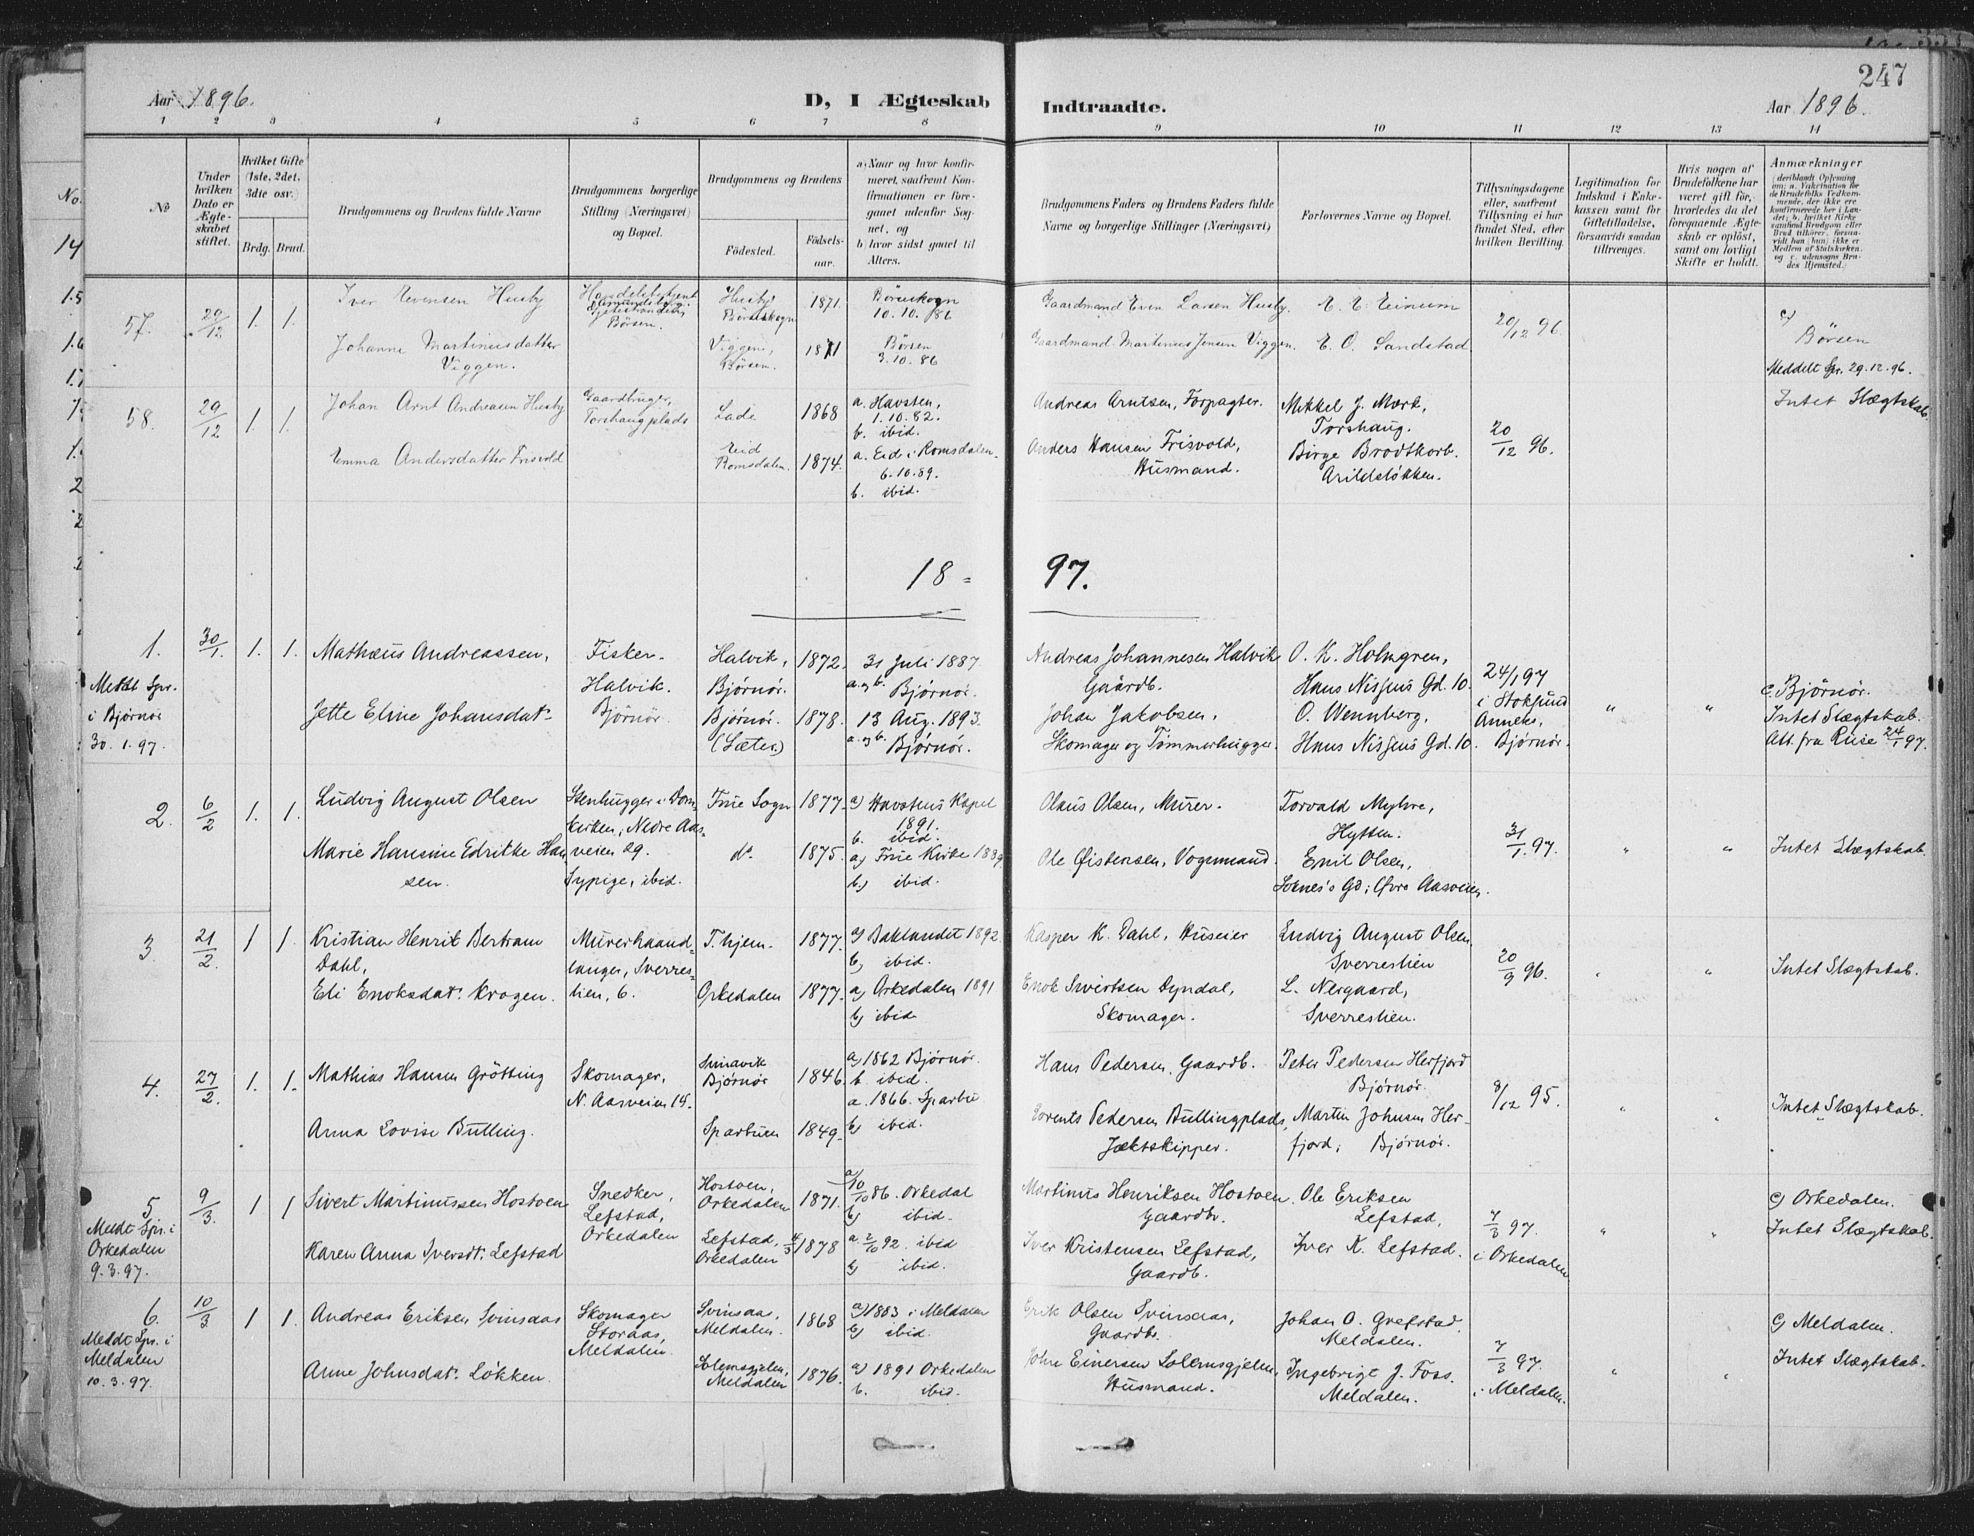 SAT, Ministerialprotokoller, klokkerbøker og fødselsregistre - Sør-Trøndelag, 603/L0167: Ministerialbok nr. 603A06, 1896-1932, s. 247